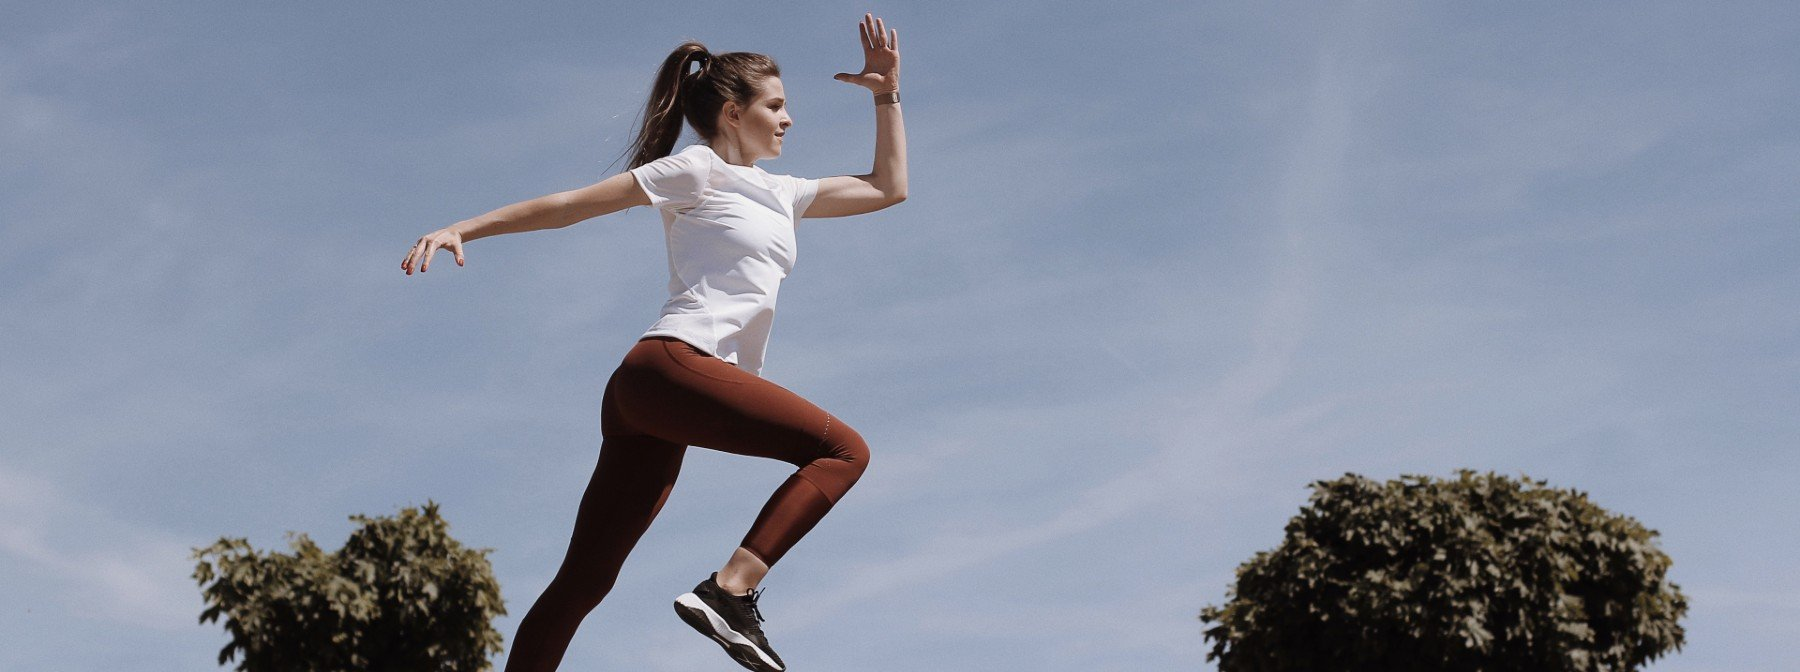 Ist Laufen wirklich gesund für dich?